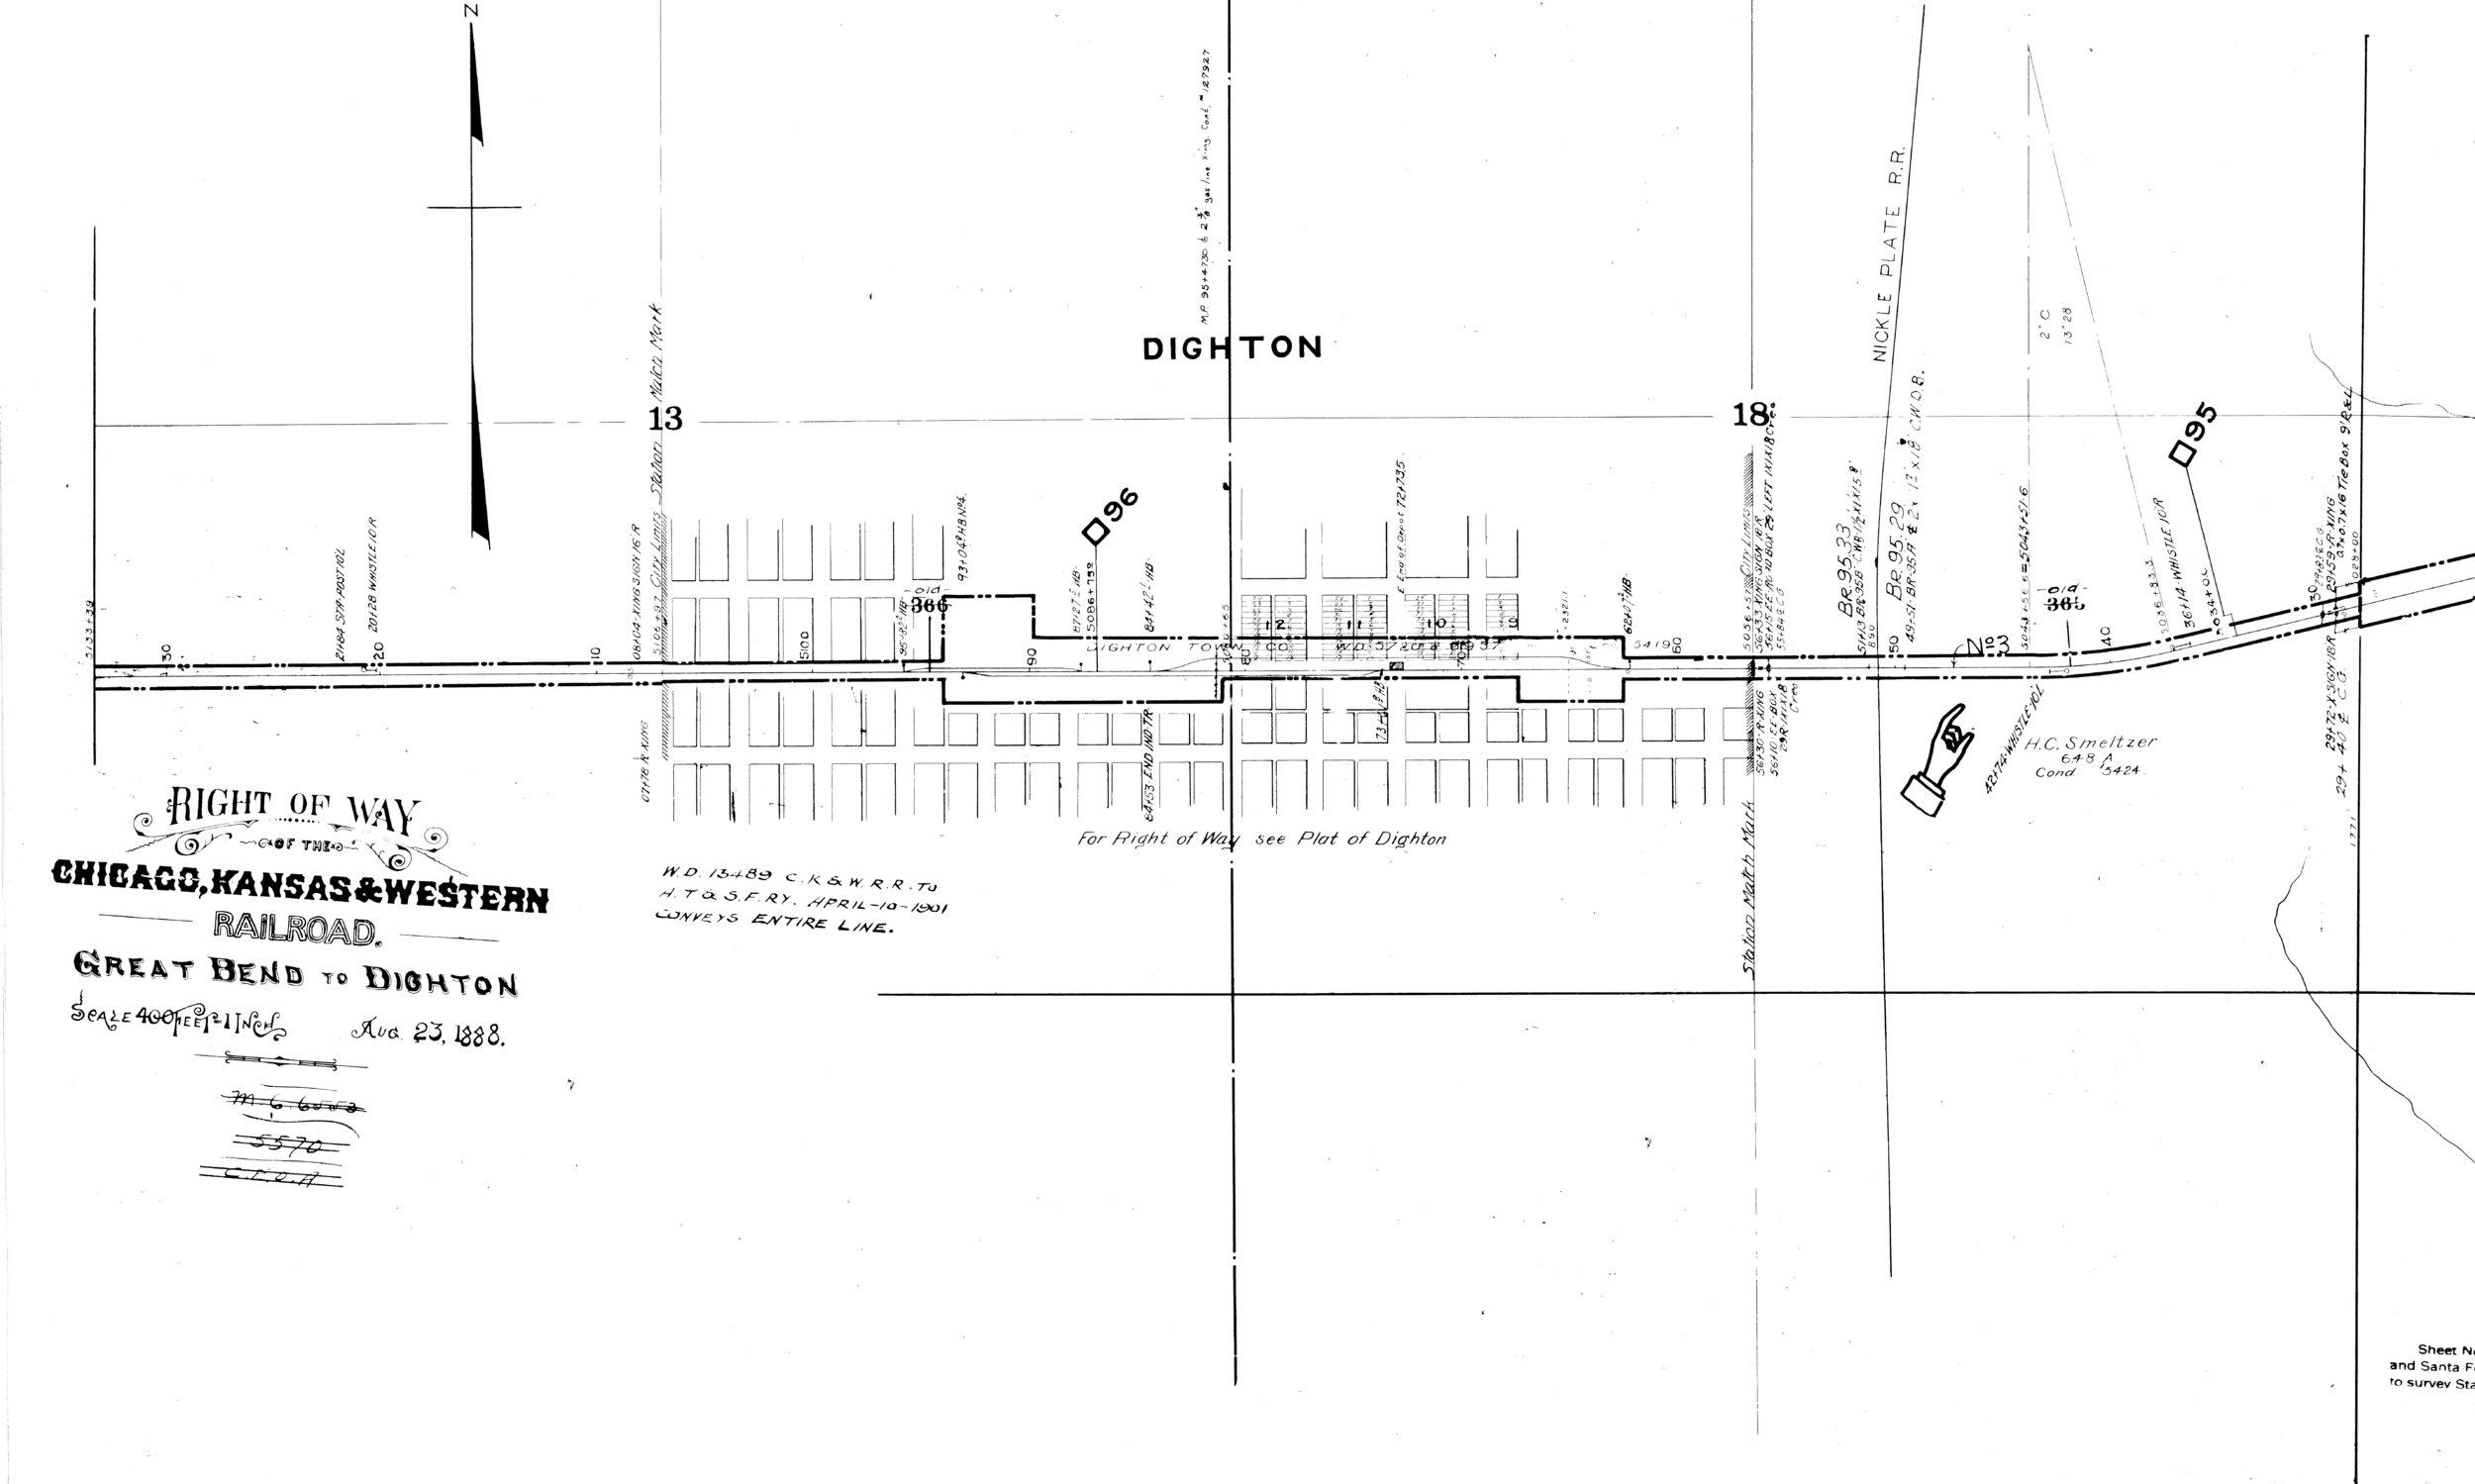 Right of way map through Dighton, Kansas